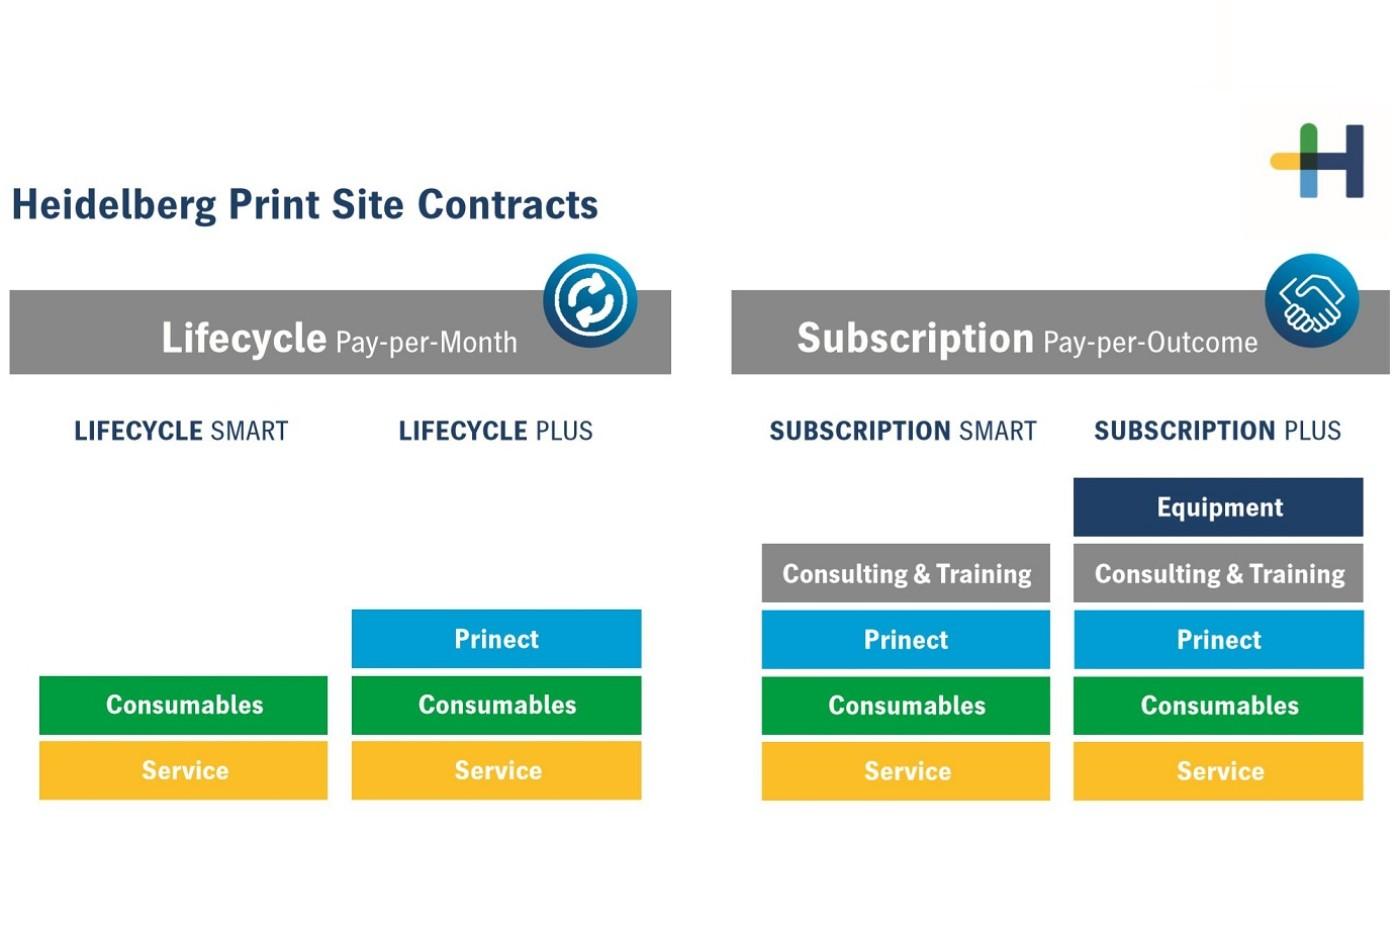 20201203_1_heidelberg_printsite_contracts